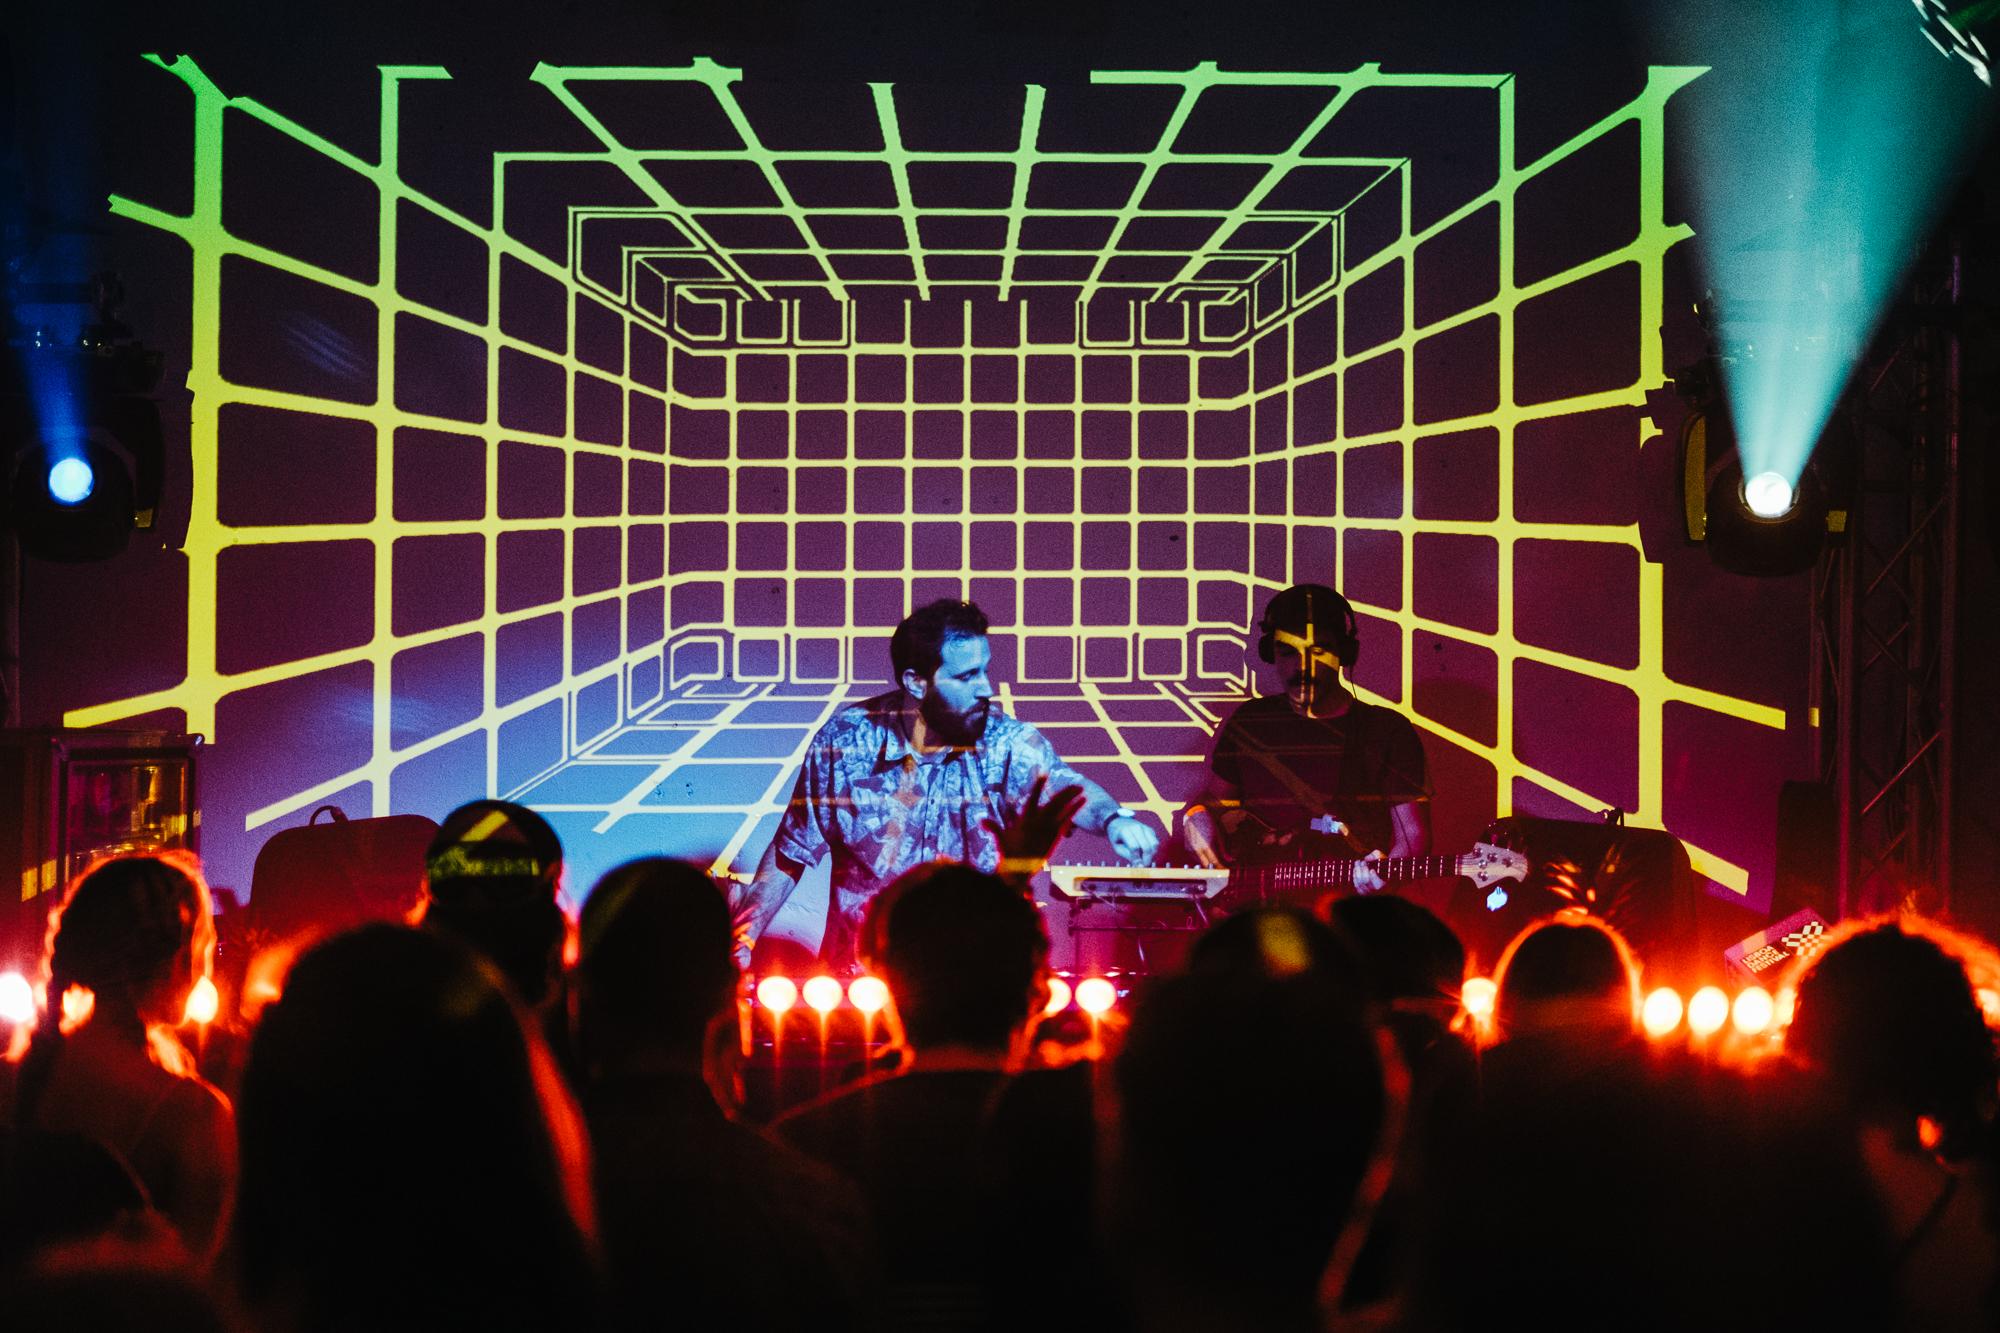 Moullinex testa novos temas a 23, 24 e 25 de janeiro no Musicbox em Lisboa